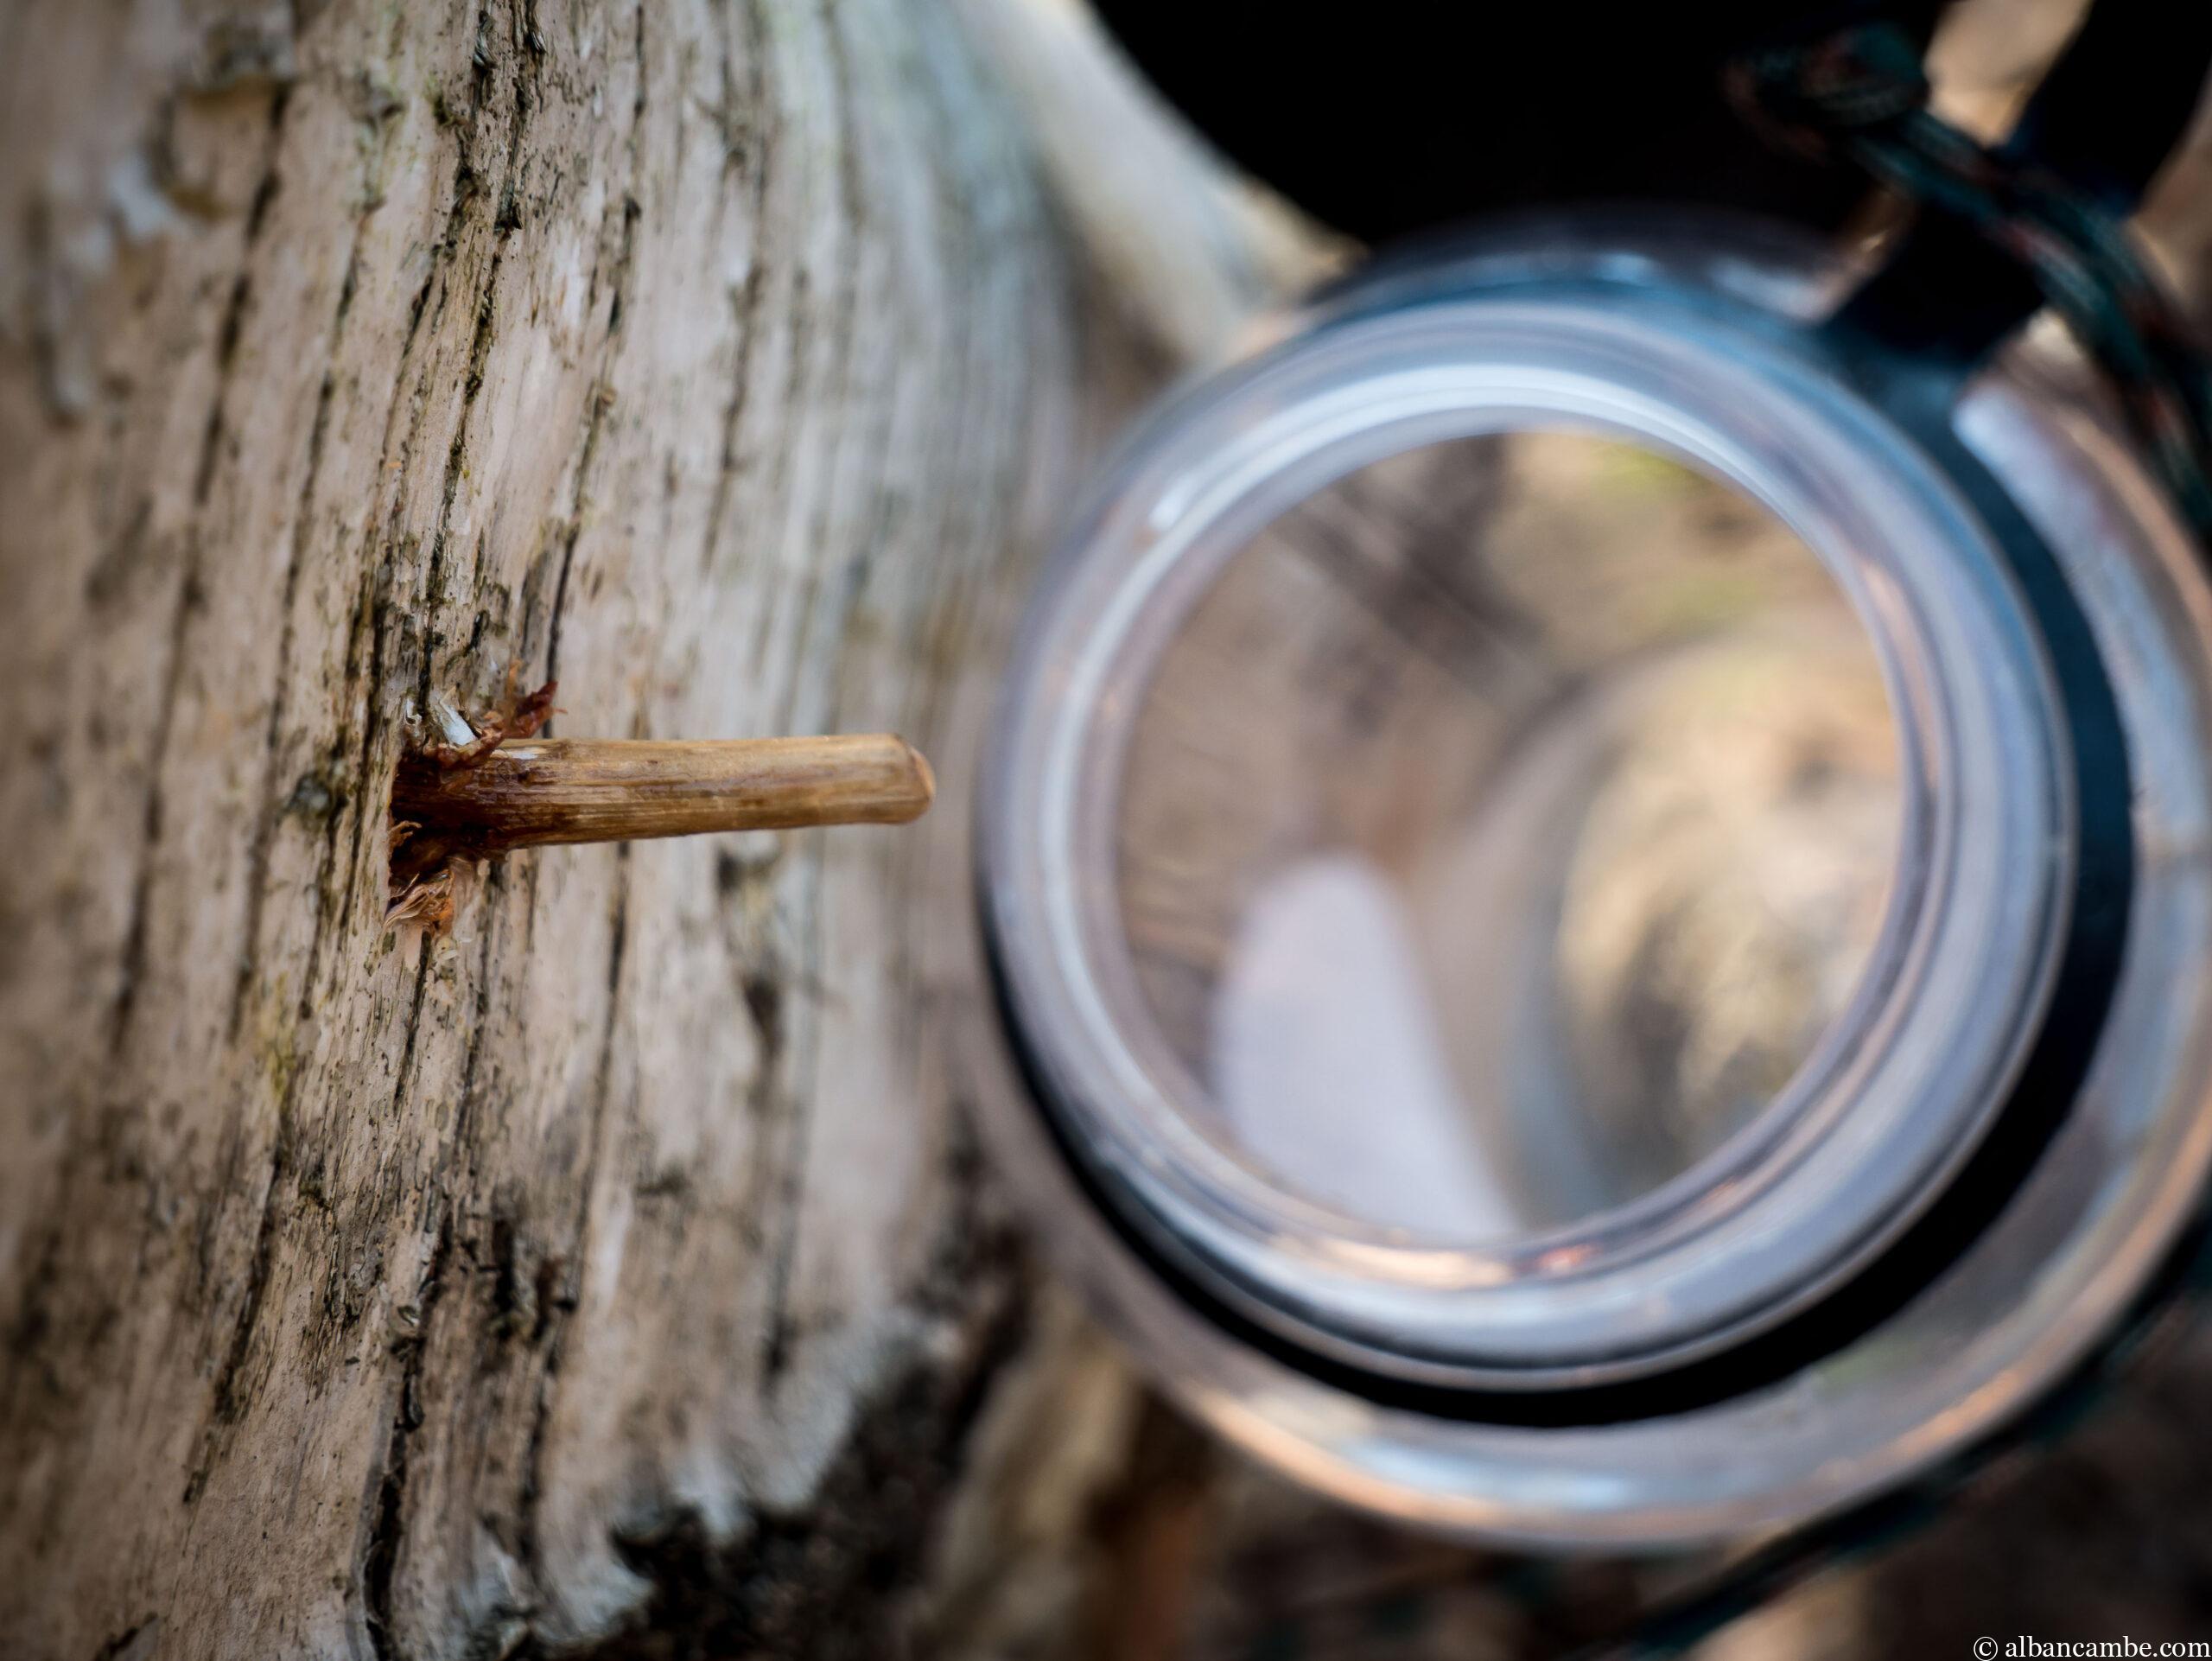 Récolter l'eau de bouleau avec peu (ou pas) de matériel